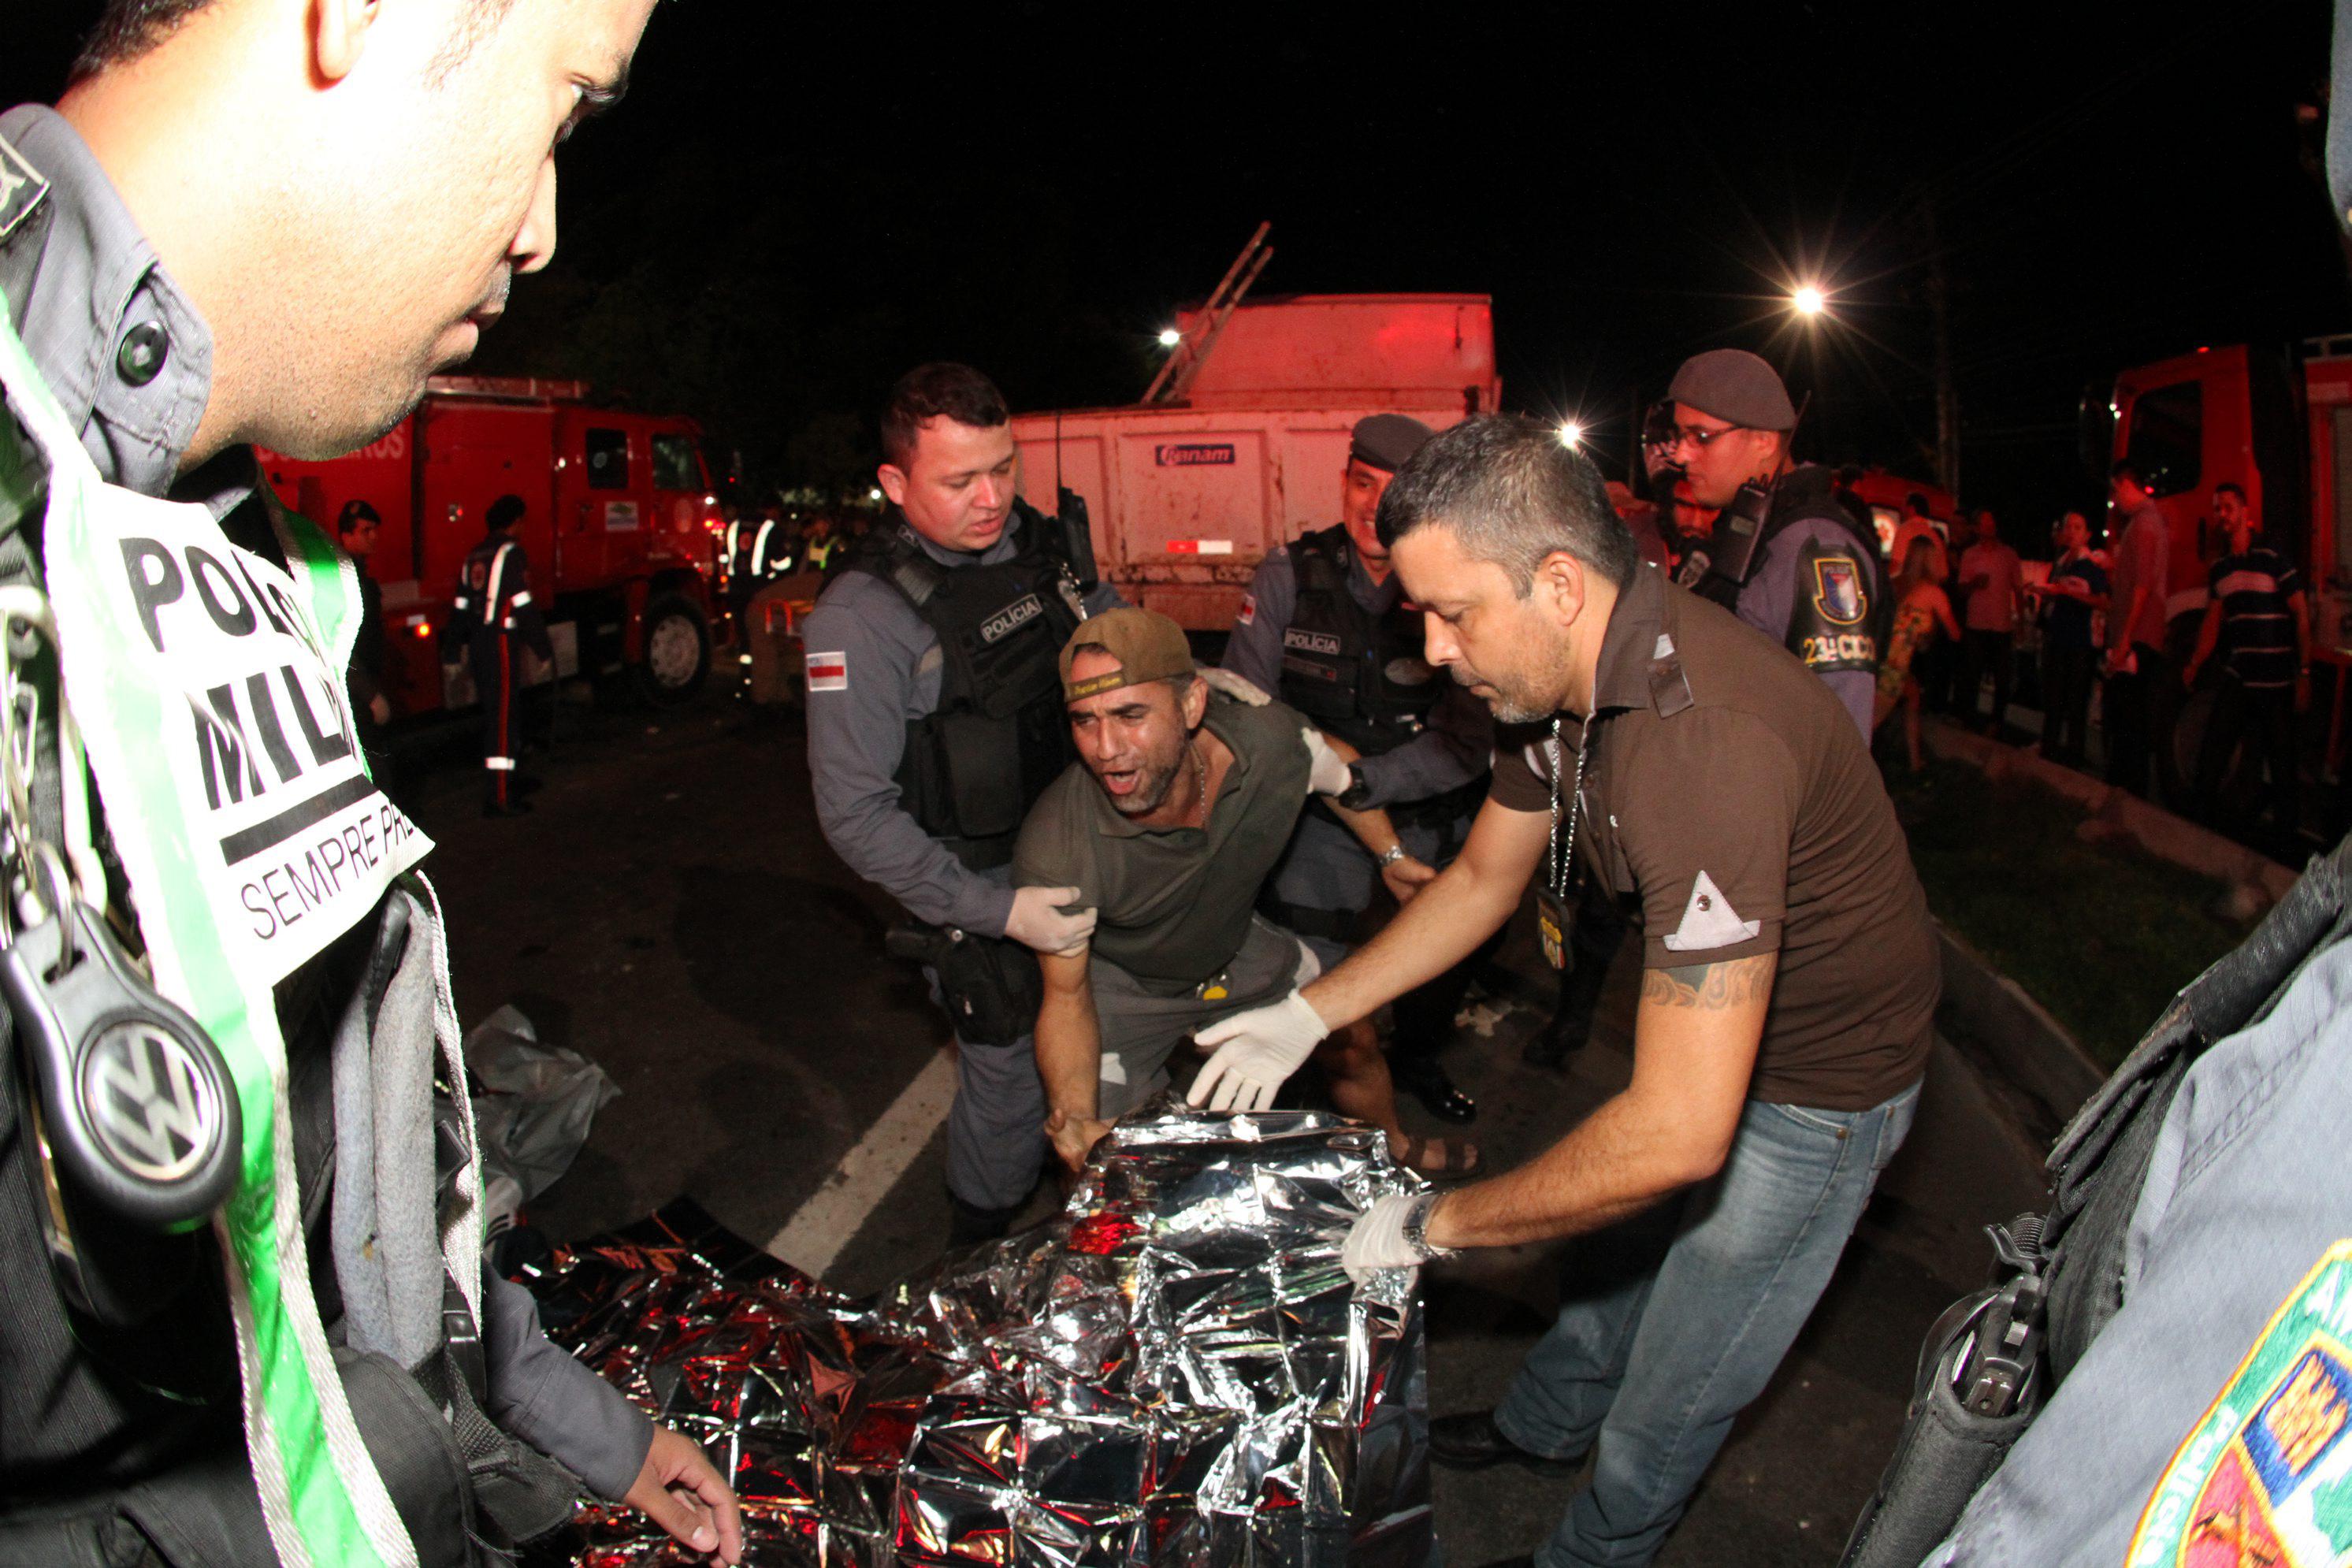 Parente de vítima se desespera e é contido por policial ao chegar ao local do acidente | Clóvis Miranda/A Crítica/Folhapress